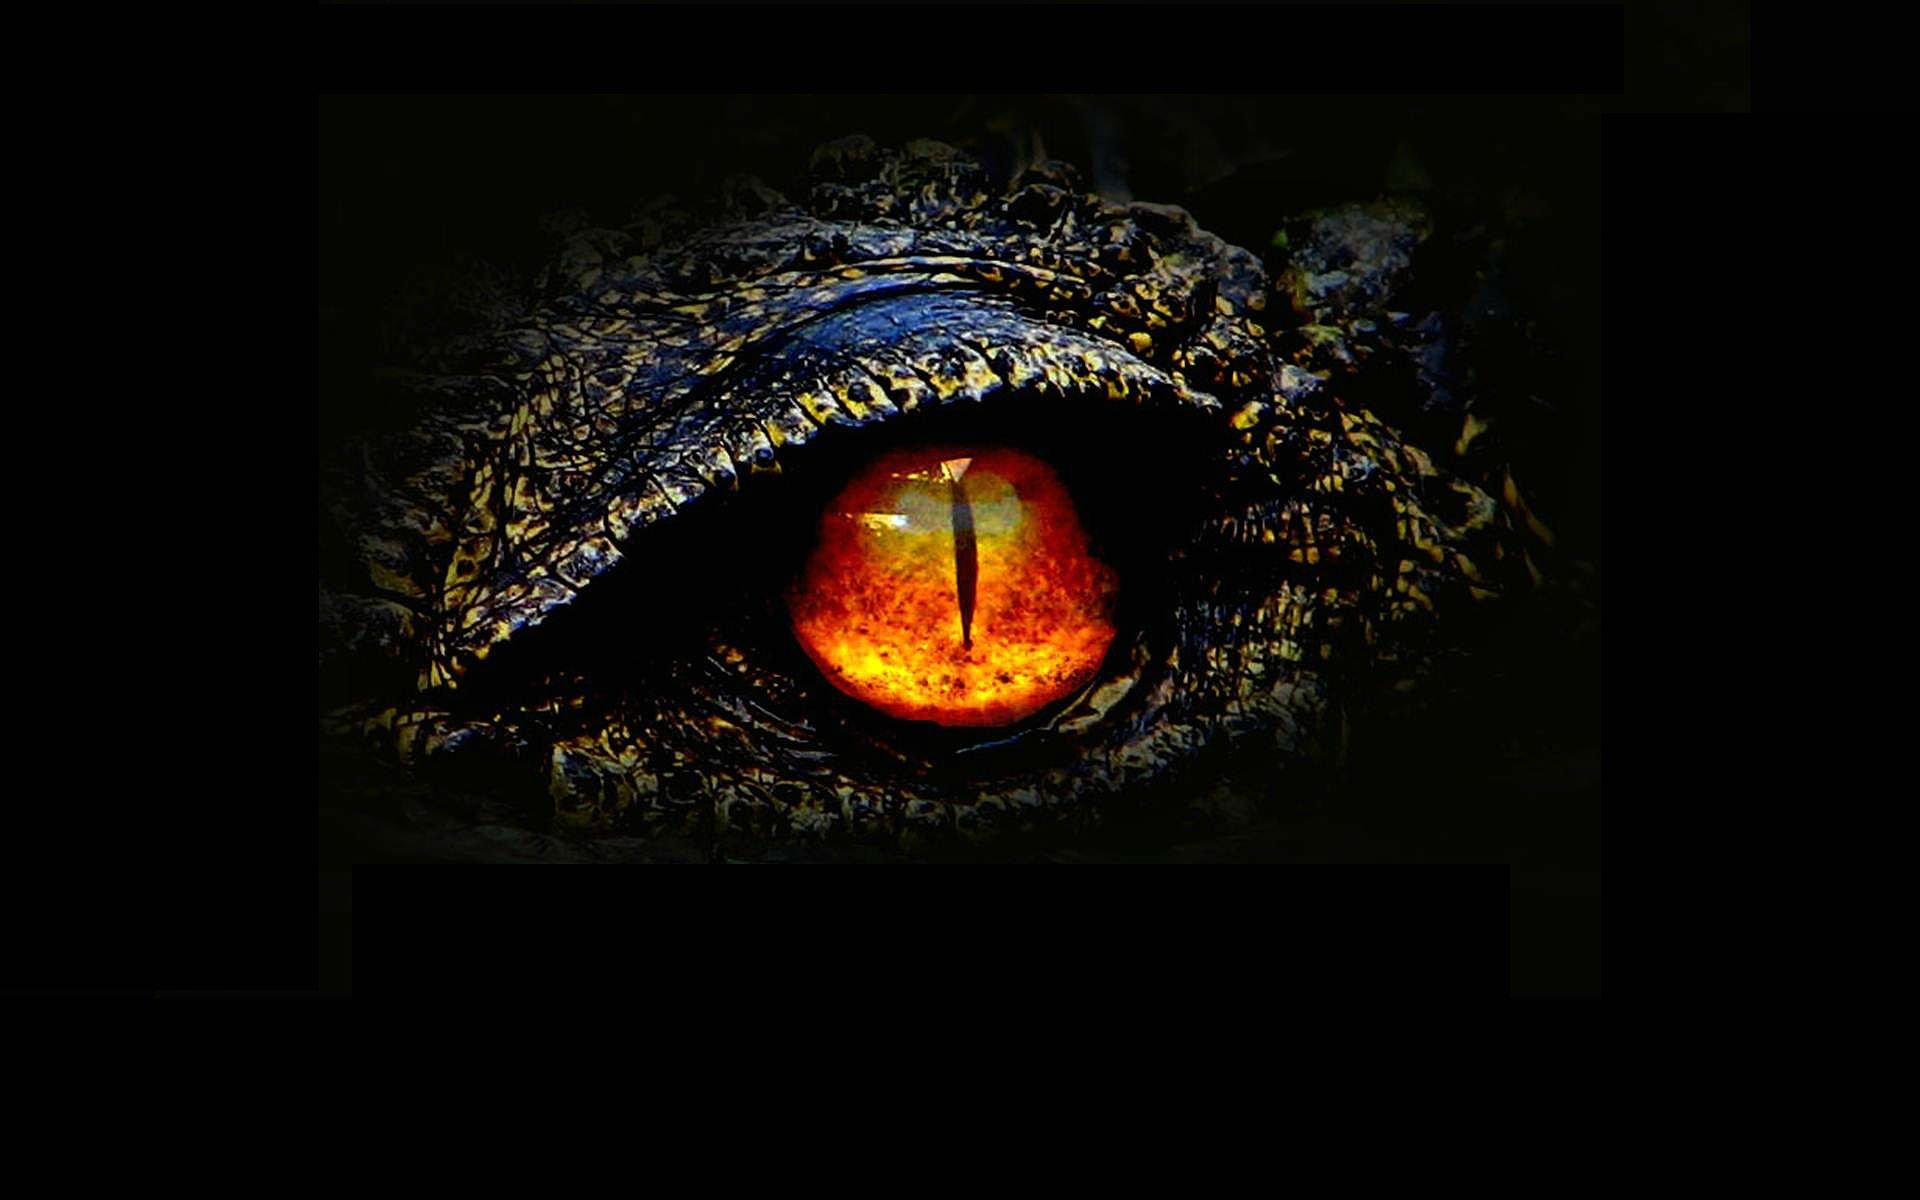 action adventure sci fi fantasy monster dinosaur horror 47 wallpaper